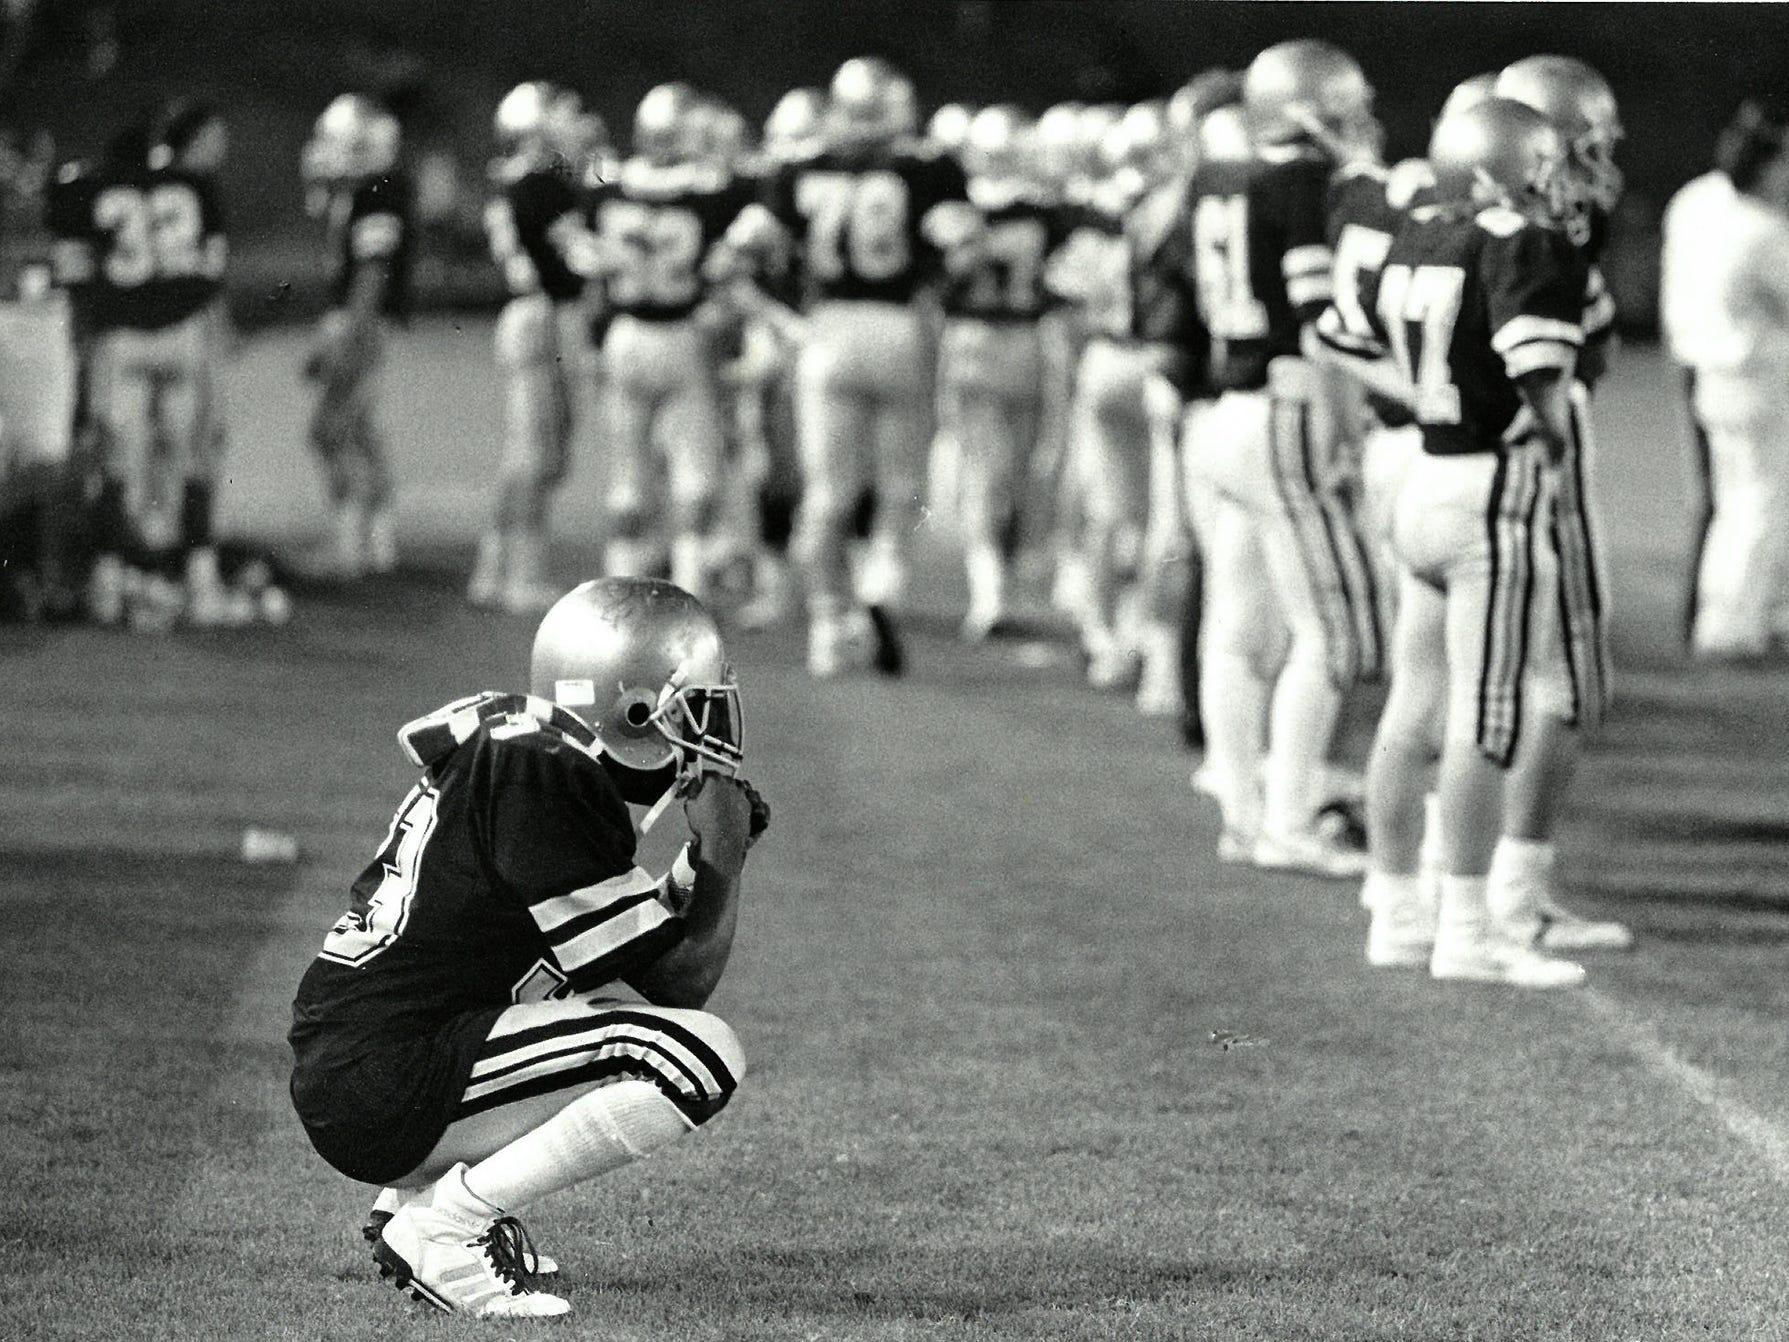 09/16/88Football Sideline